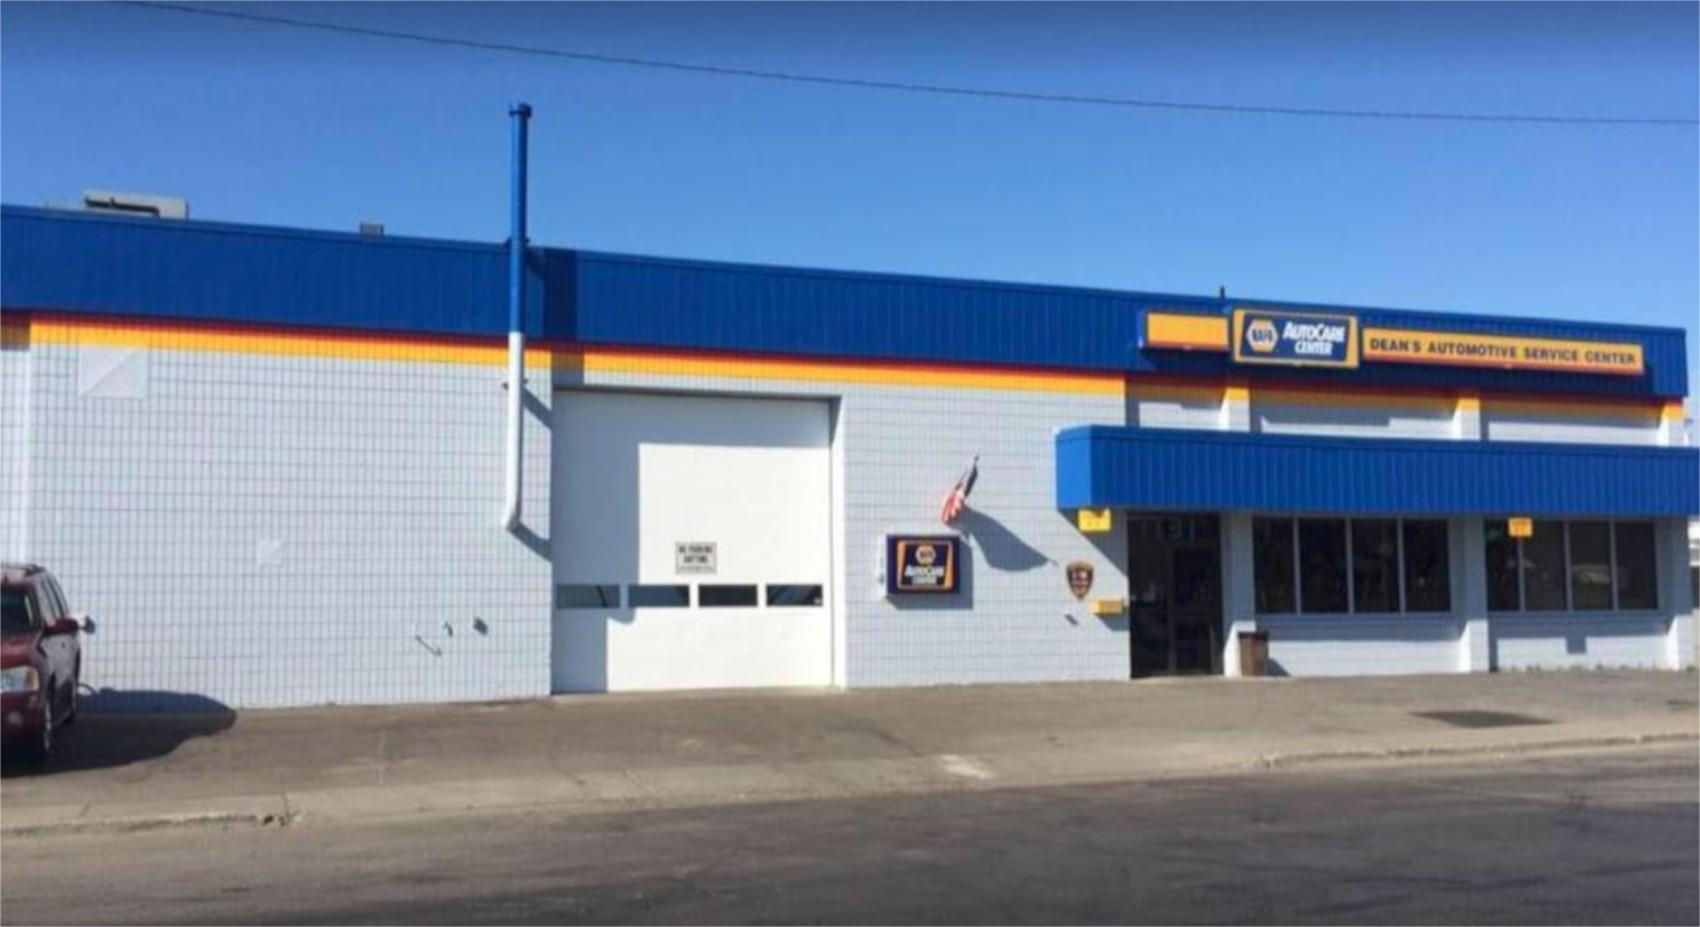 Deans Automotive Service